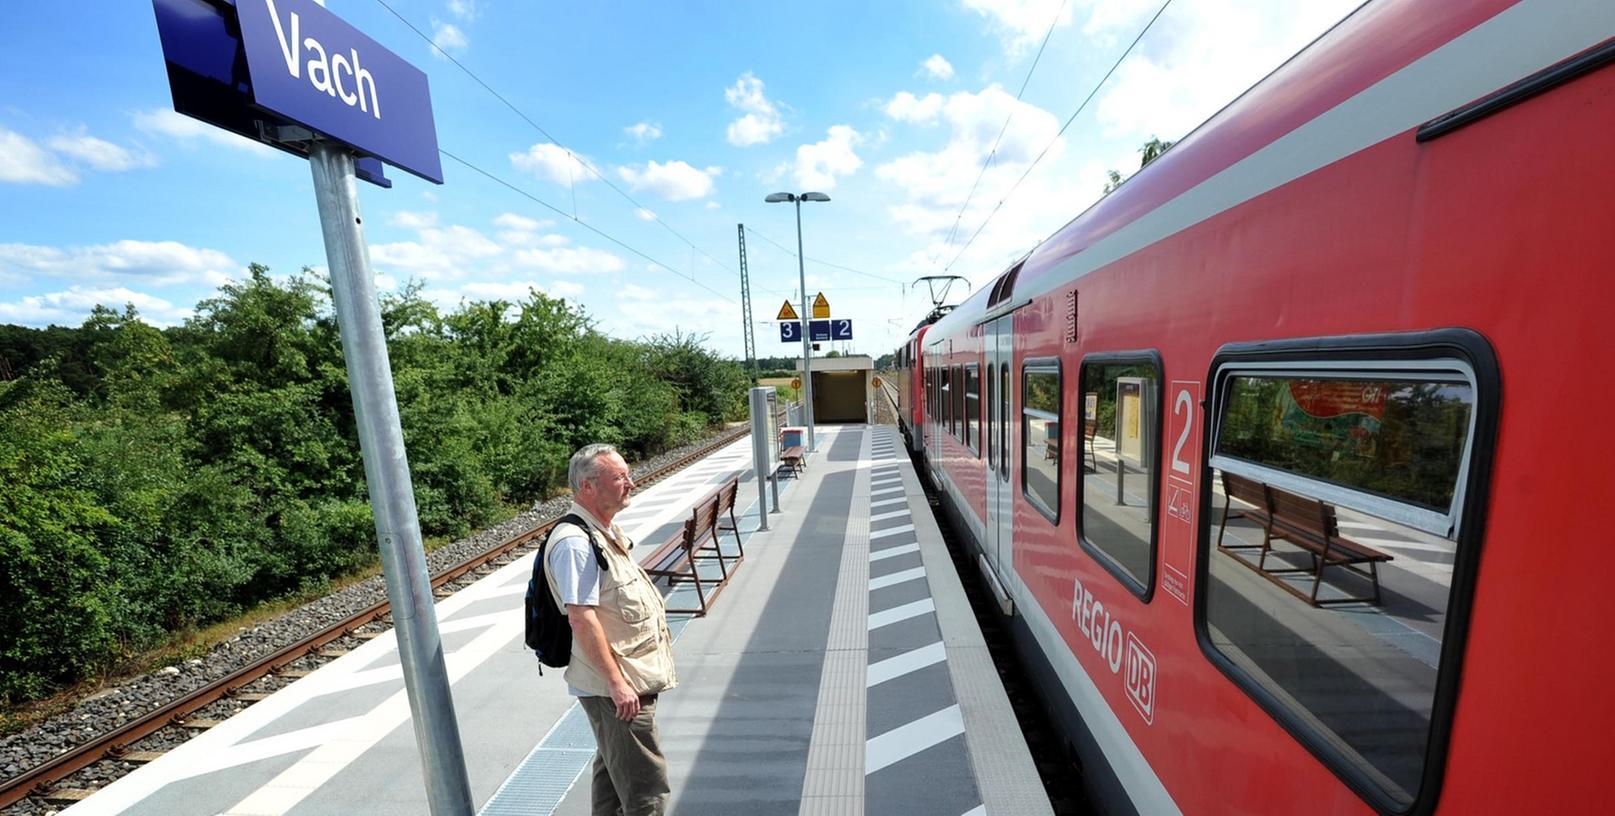 Den Bahnhaltepunkt Vach kennt auch der National-Express-Chef ziemlich genau,  wie er versichert.